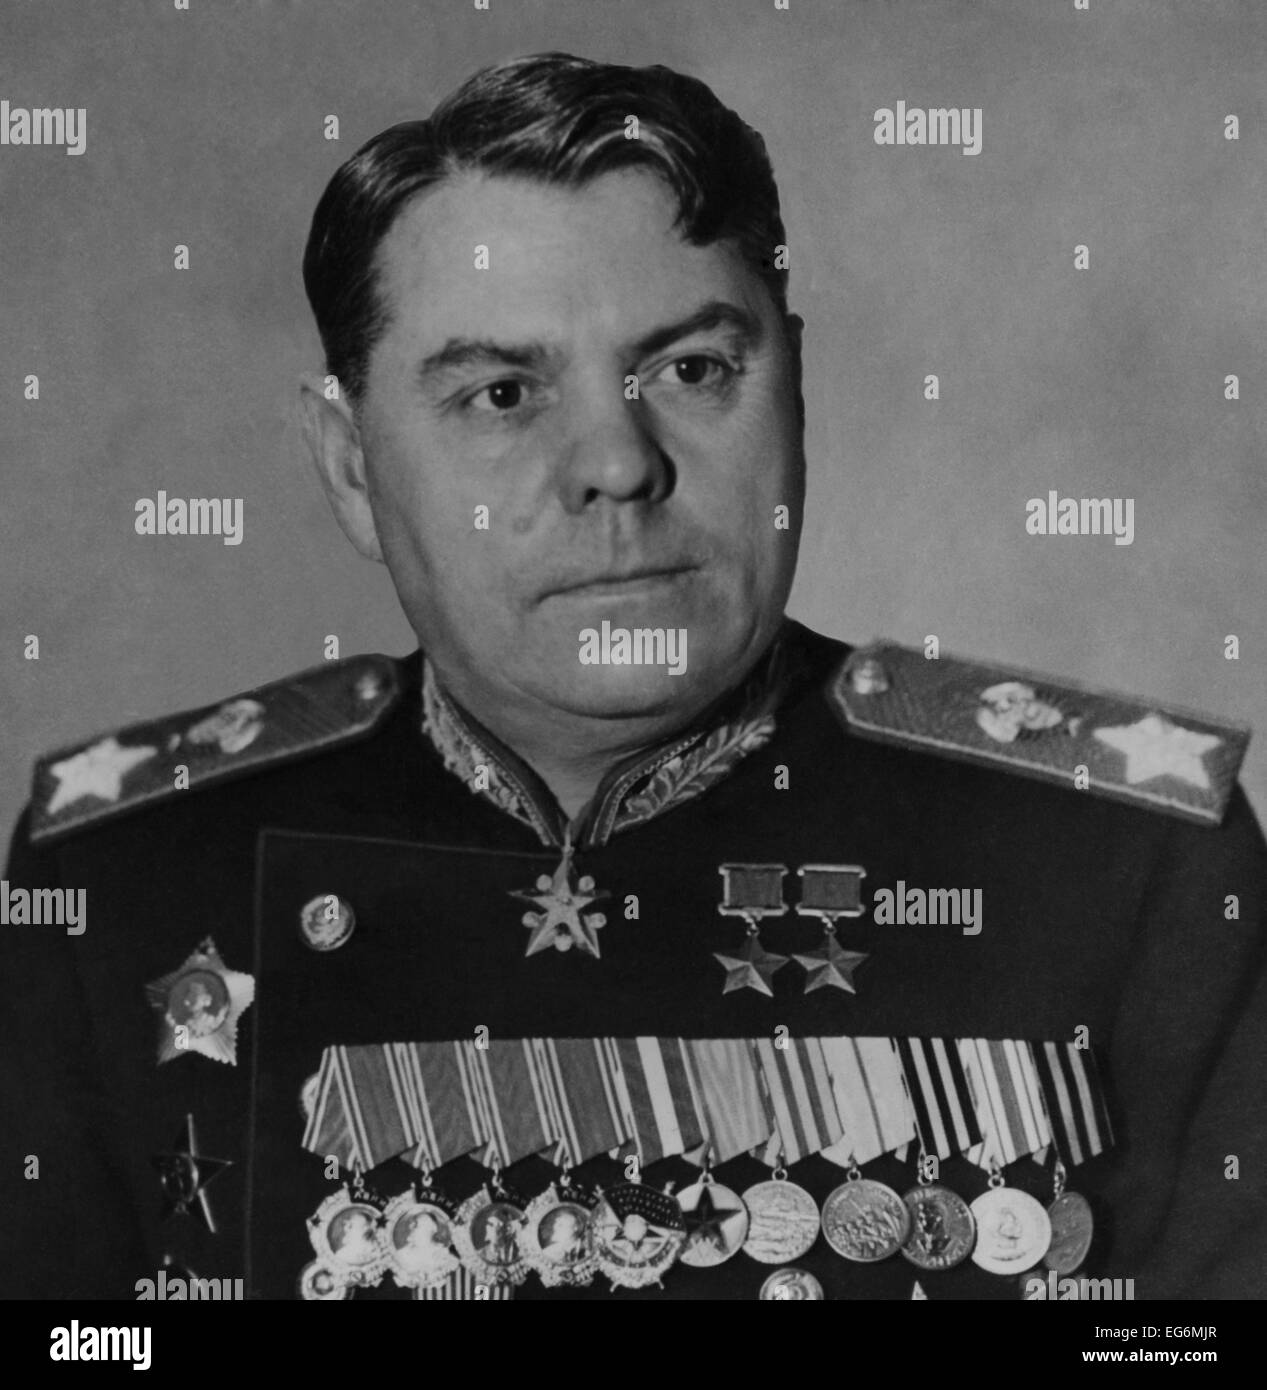 Soviet General Alexander M. Vasilevsky, Deputy Minister of Armed Forces of USSR. During World War 2 he coordinated - Stock Image